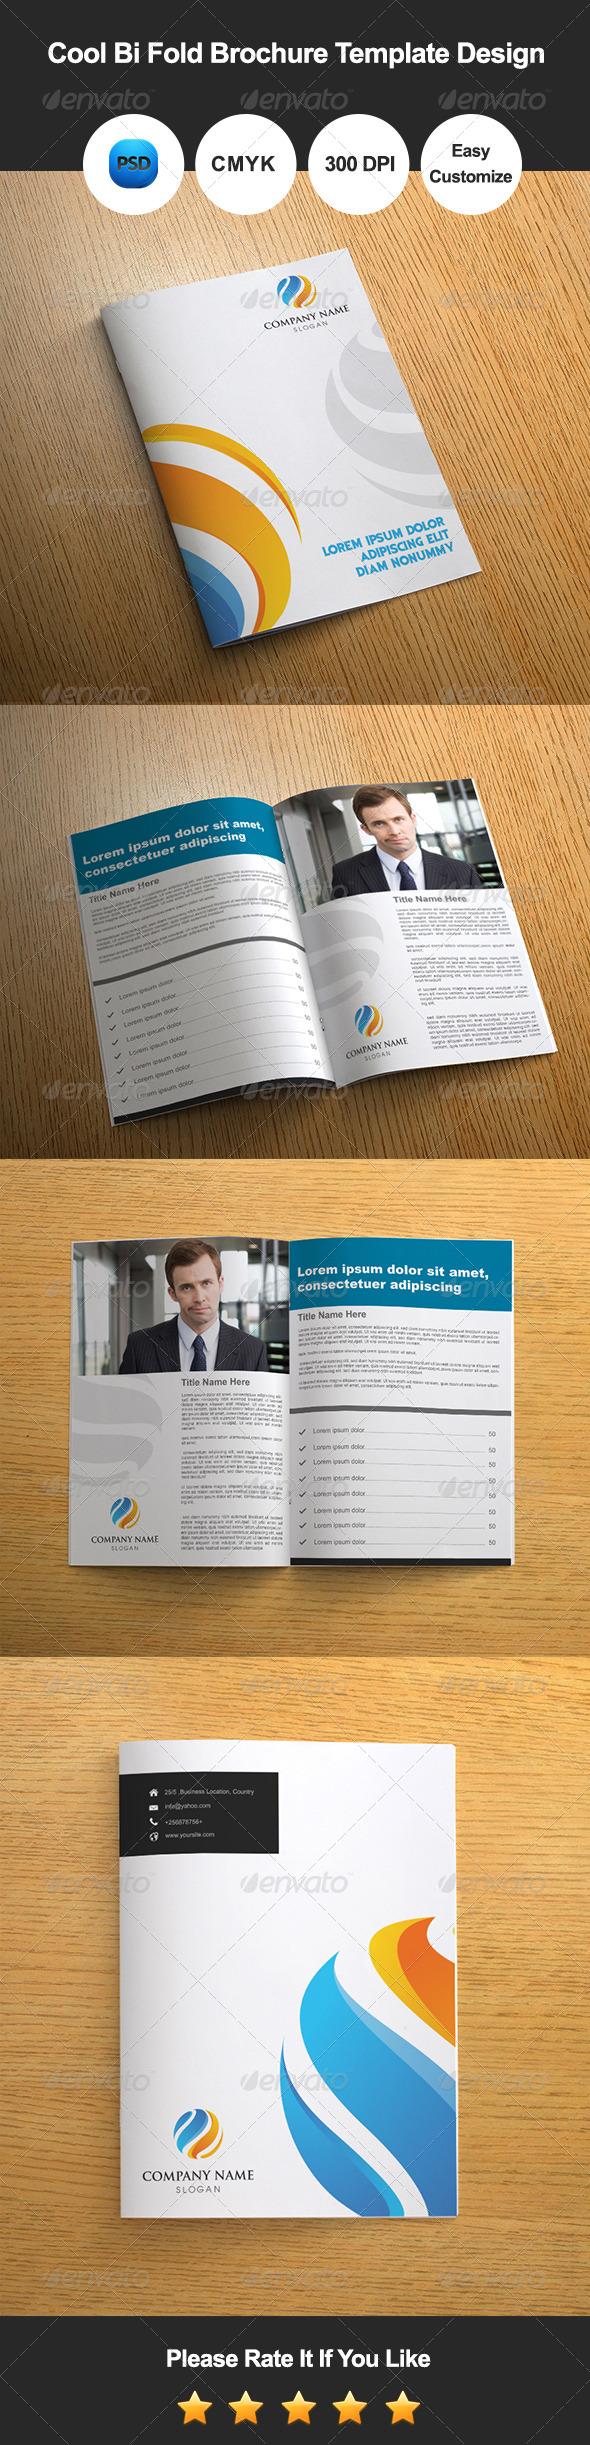 Cool Bi Fold Brochure Template Design - Catalogs Brochures